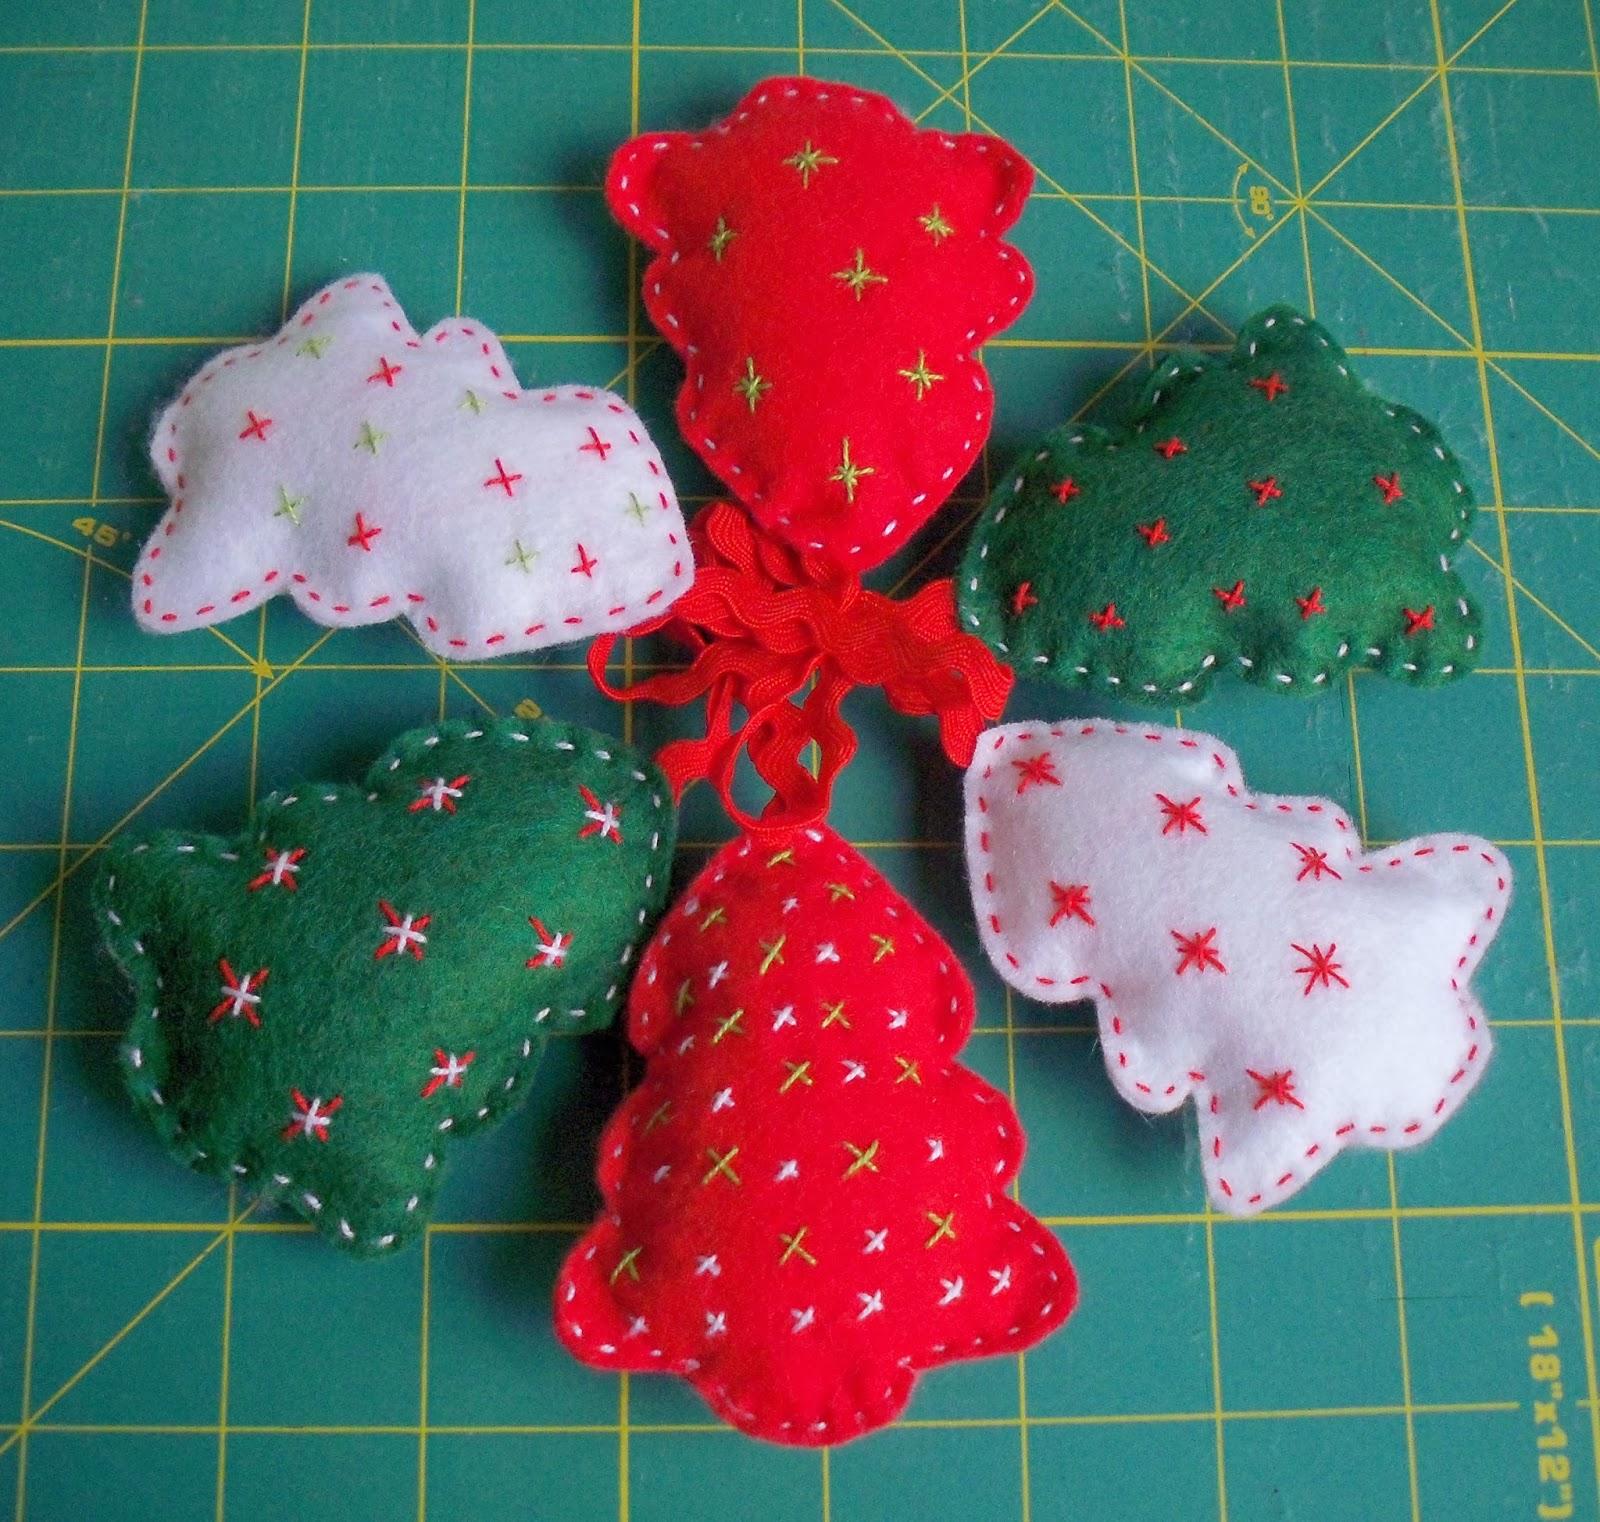 Aurea s kitchen costura paso a paso de adornos de - Adornos para el arbol de navidad ...